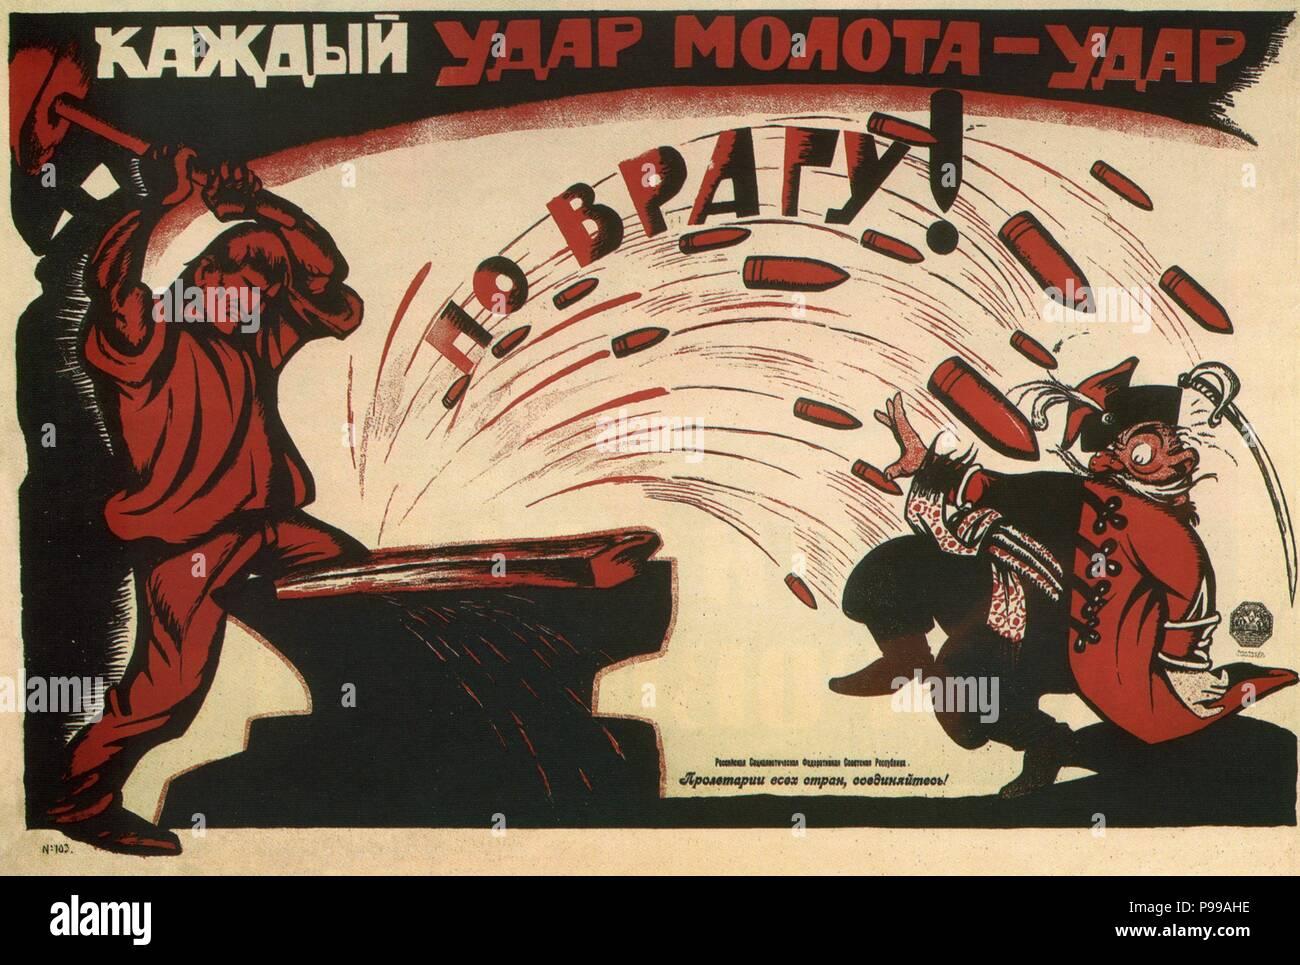 Chaque coup de marteau est un coup dur pour ennemi! (Affiche). Musée: Bibliothèque d'État de Russie, Moscou. Photo Stock